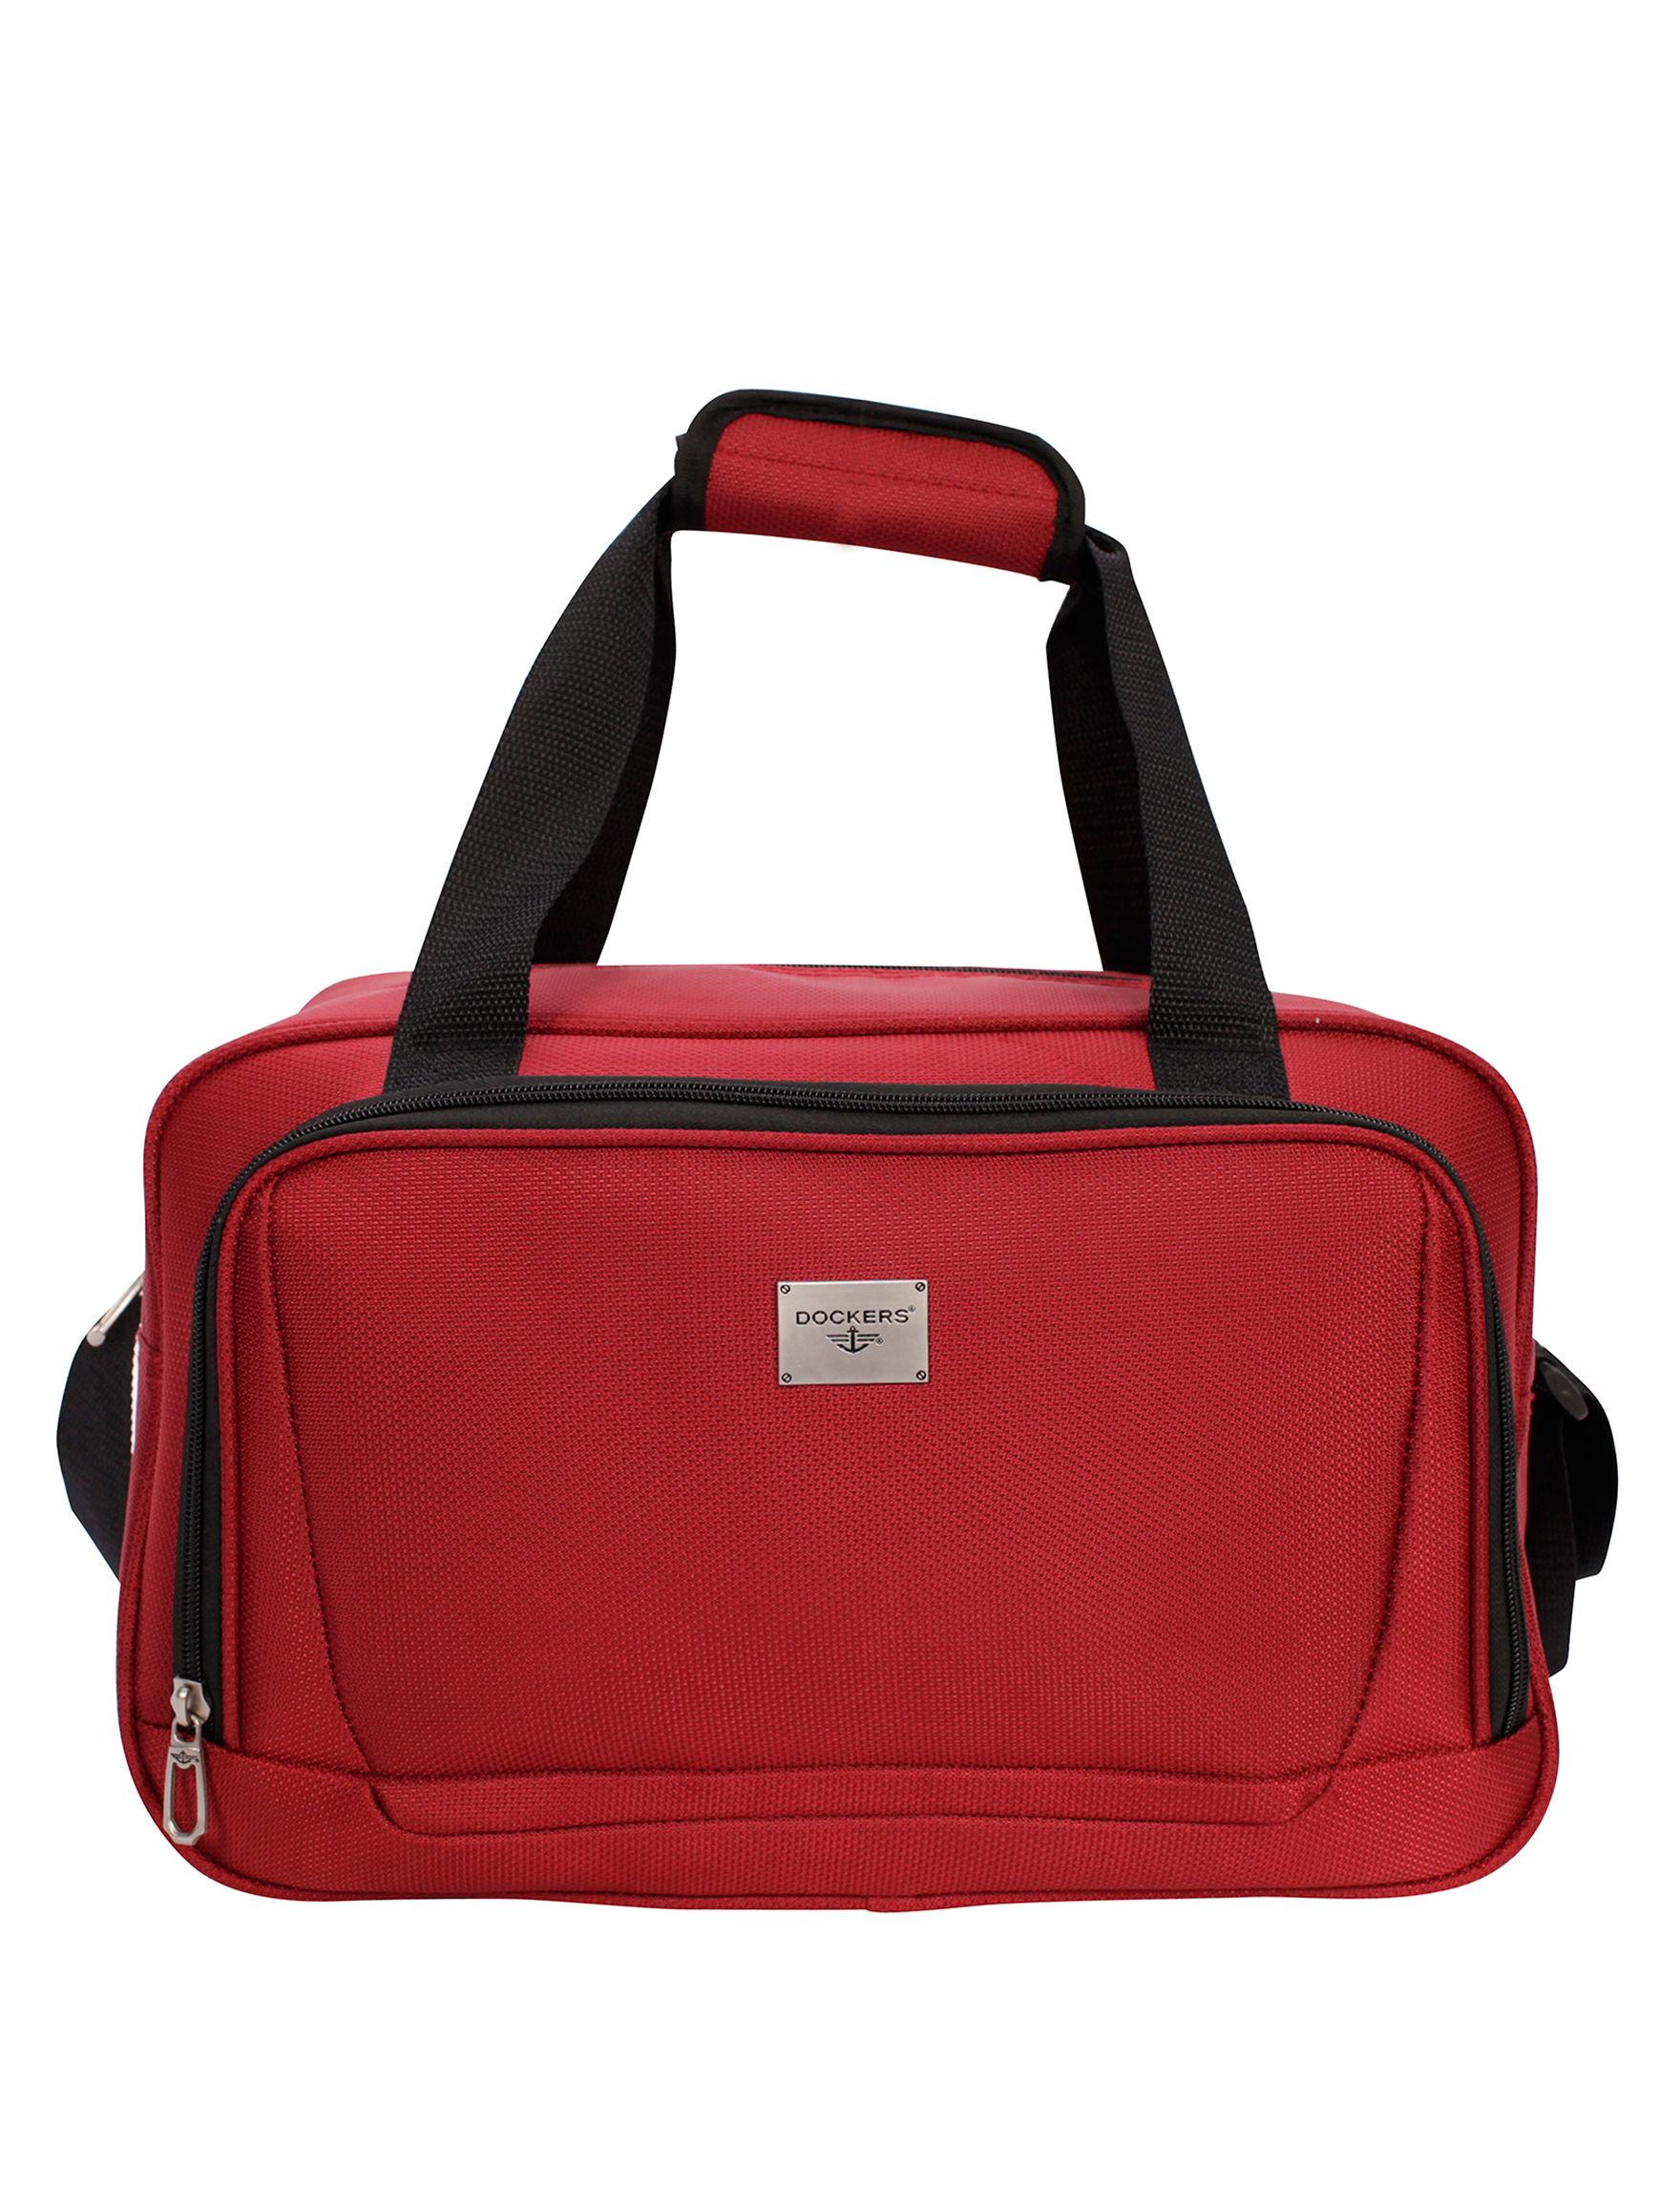 Dockers Red Weekend Bags